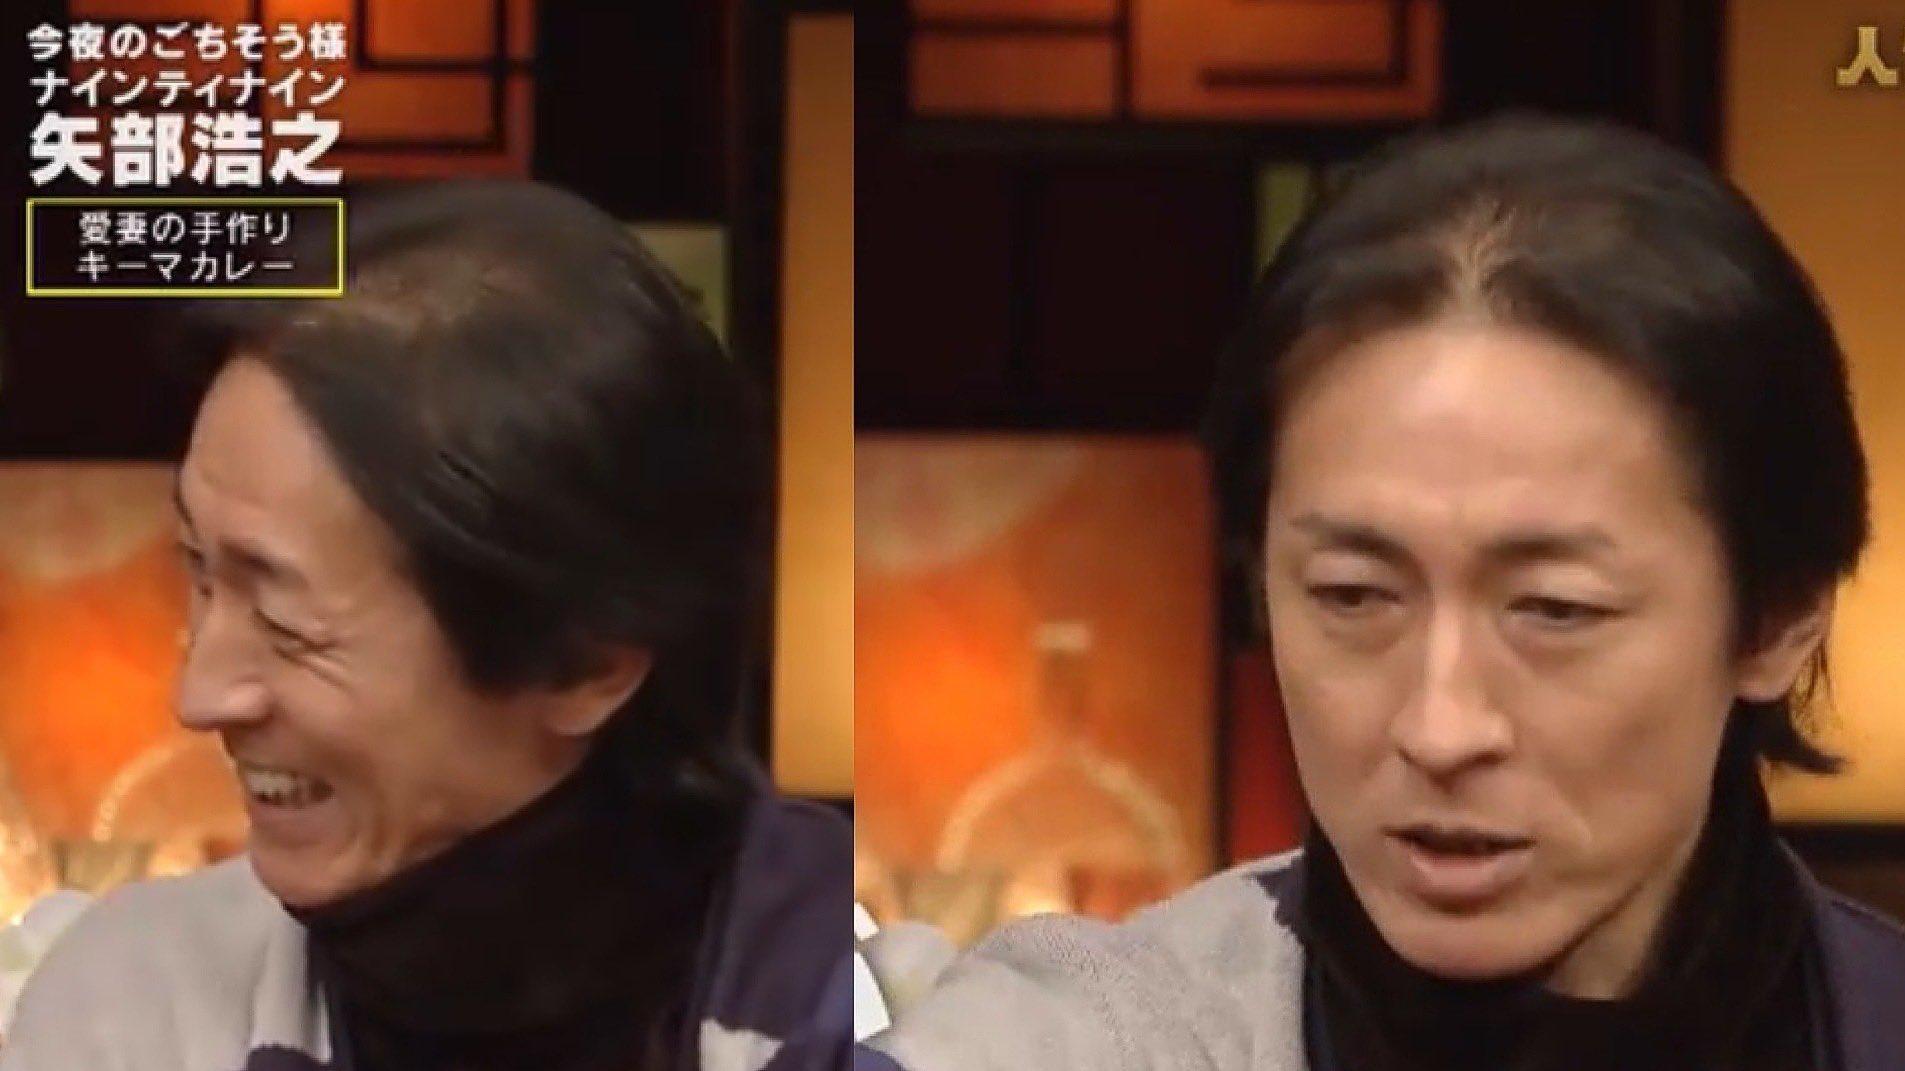 矢部浩之が髪の毛がハゲてきた!画像でハゲの原因を調査してみた!